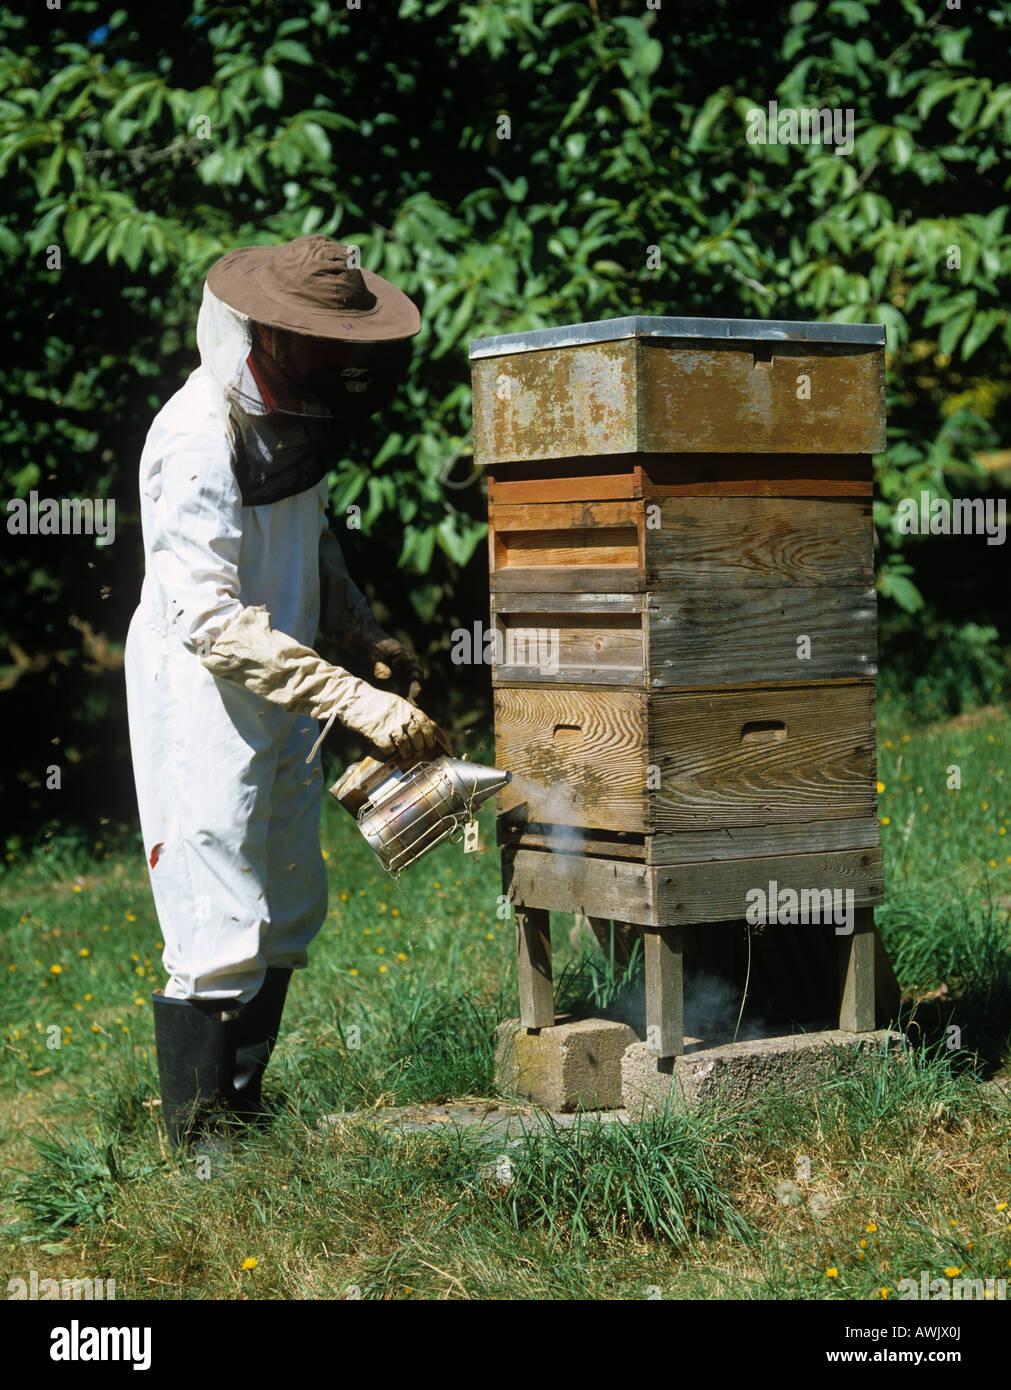 Imker Rauchen über Eingang zum Honig Biene Bienenstock, um die Bienen zu beruhigen Stockbild